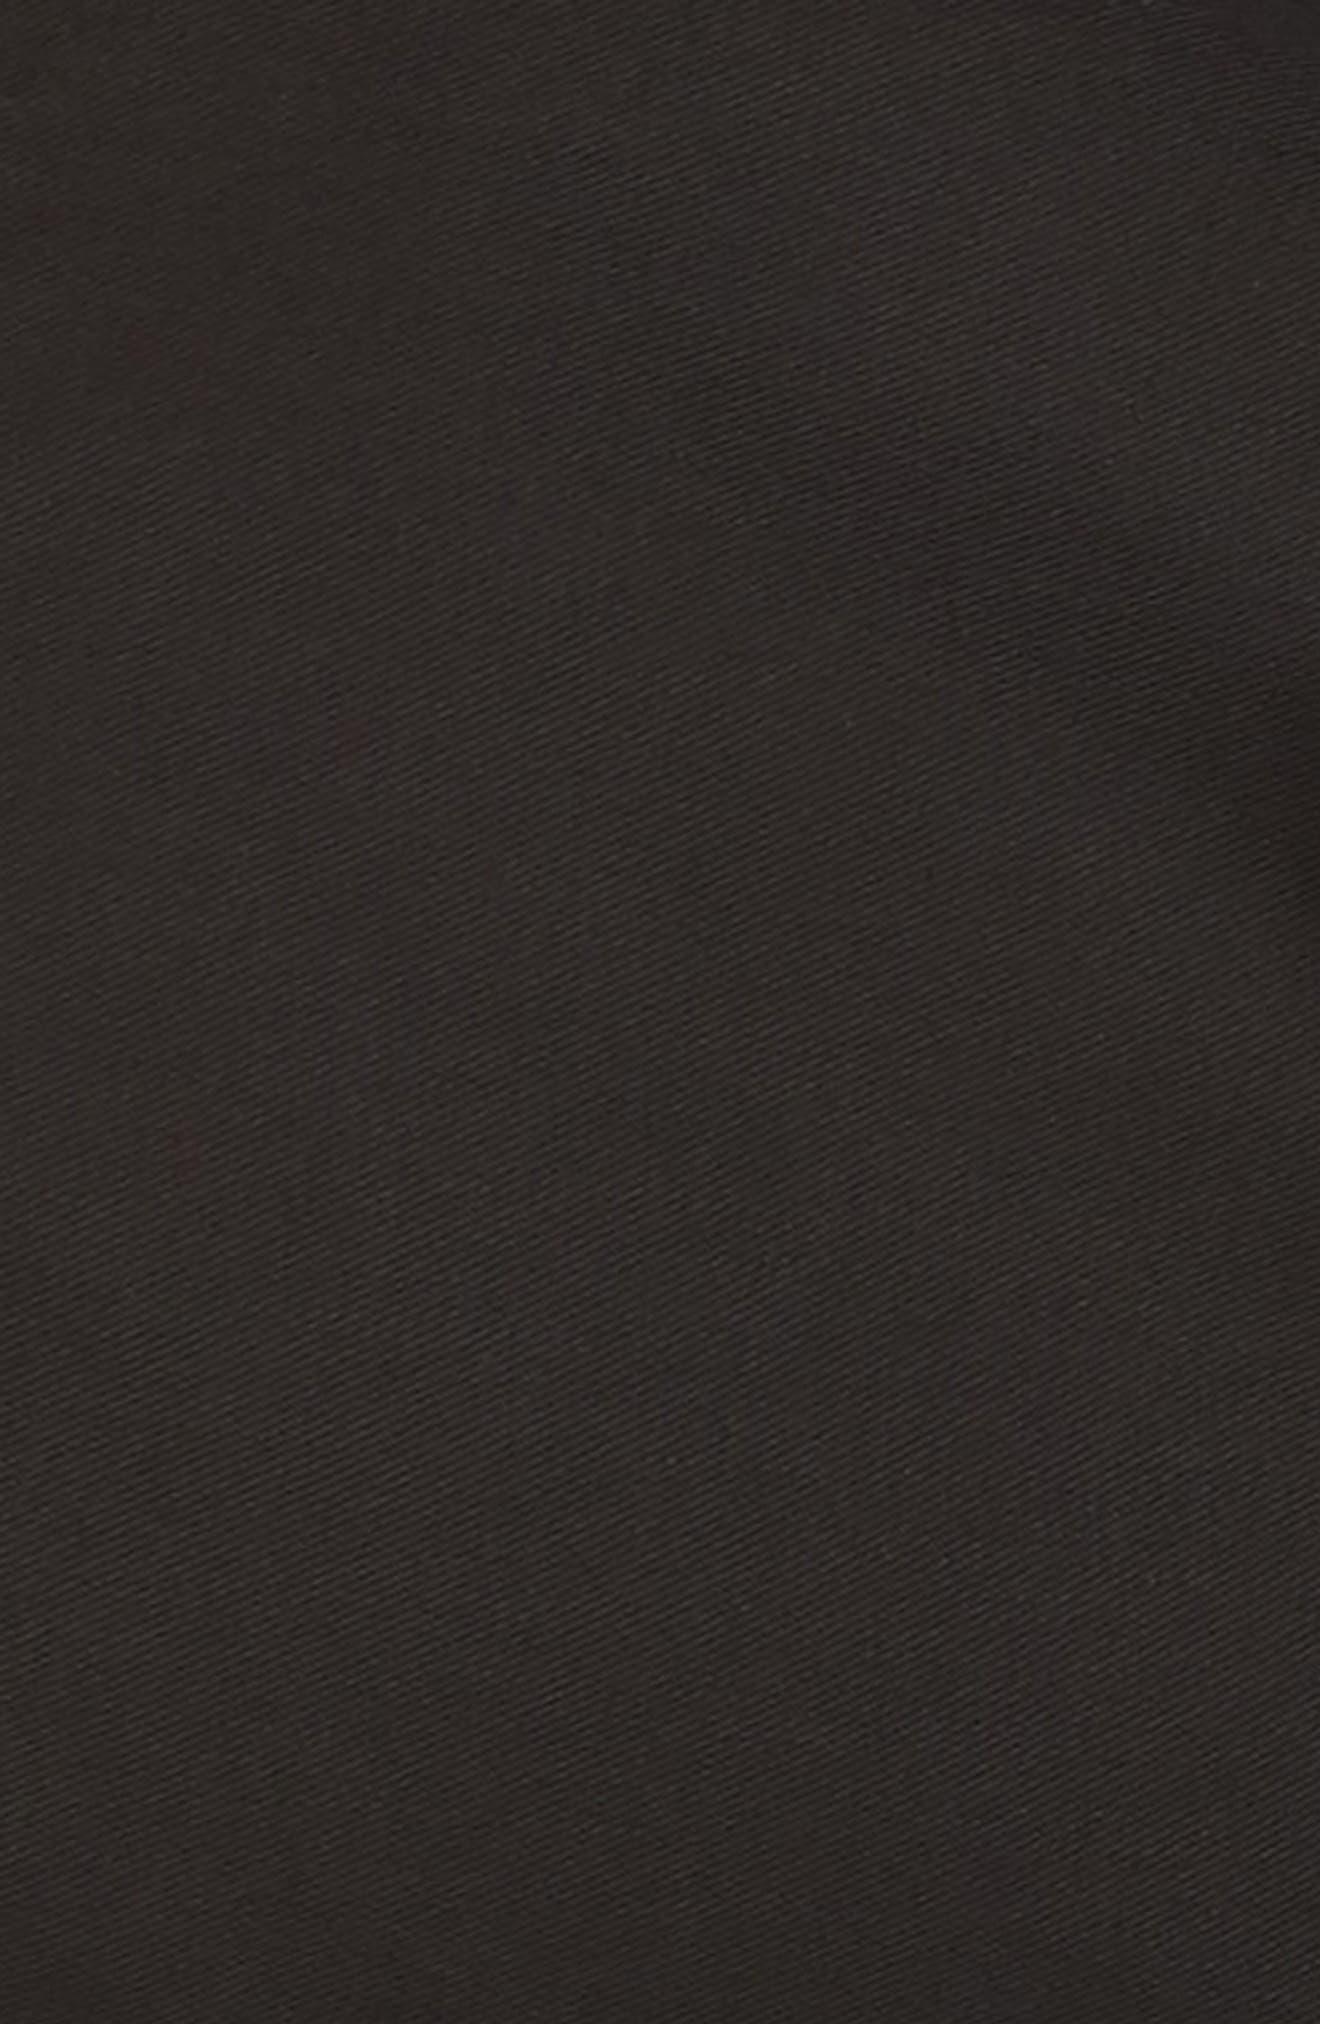 Tie Front Shorts,                             Alternate thumbnail 11, color,                             BLACK